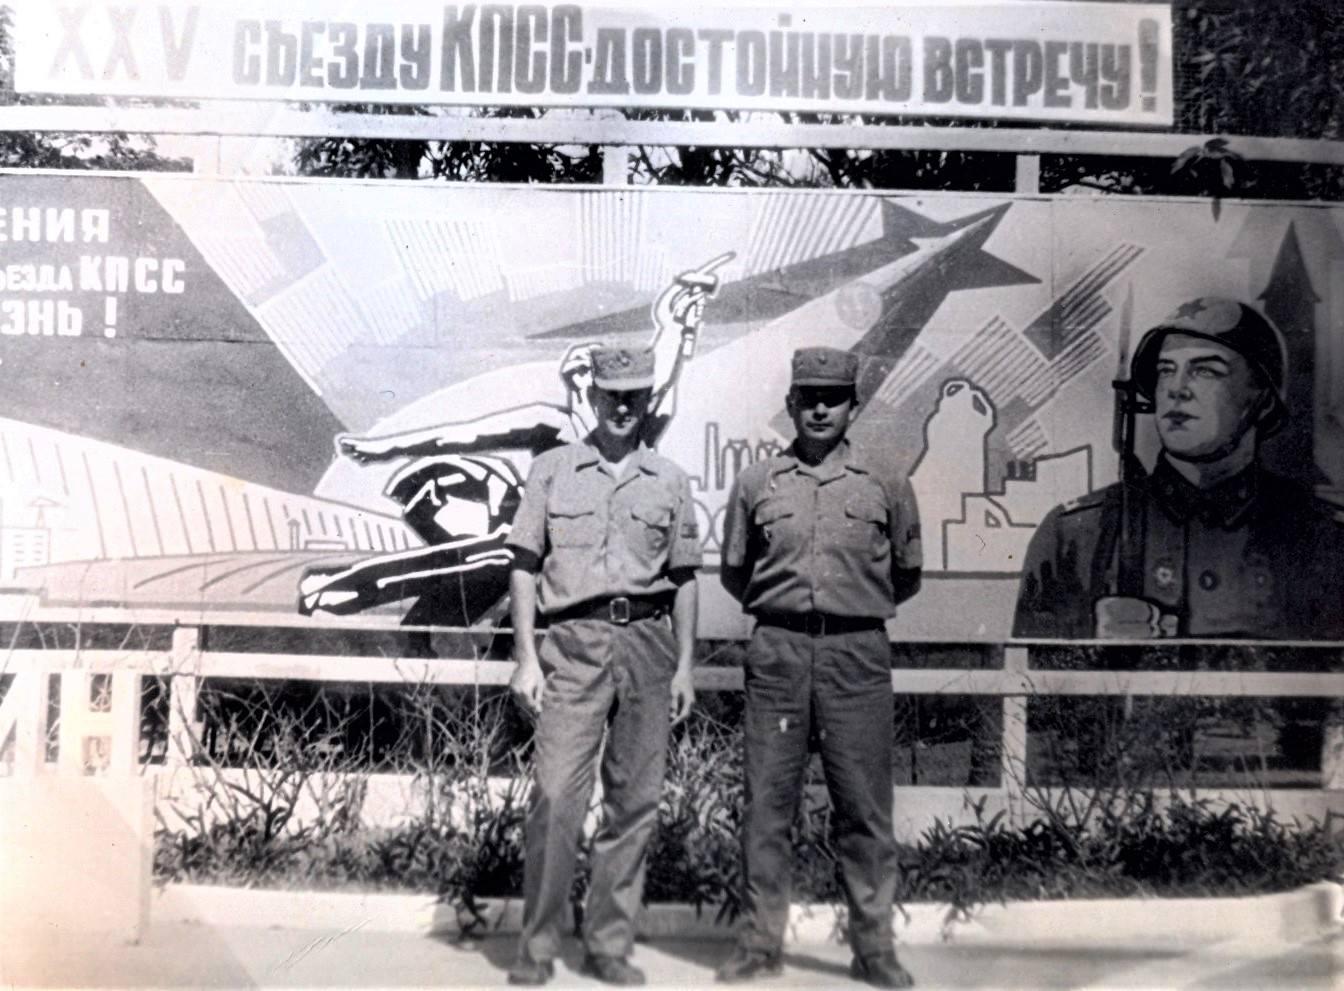 Ветров Виталий. Воспоминания военного ветеринара, 1974-1976